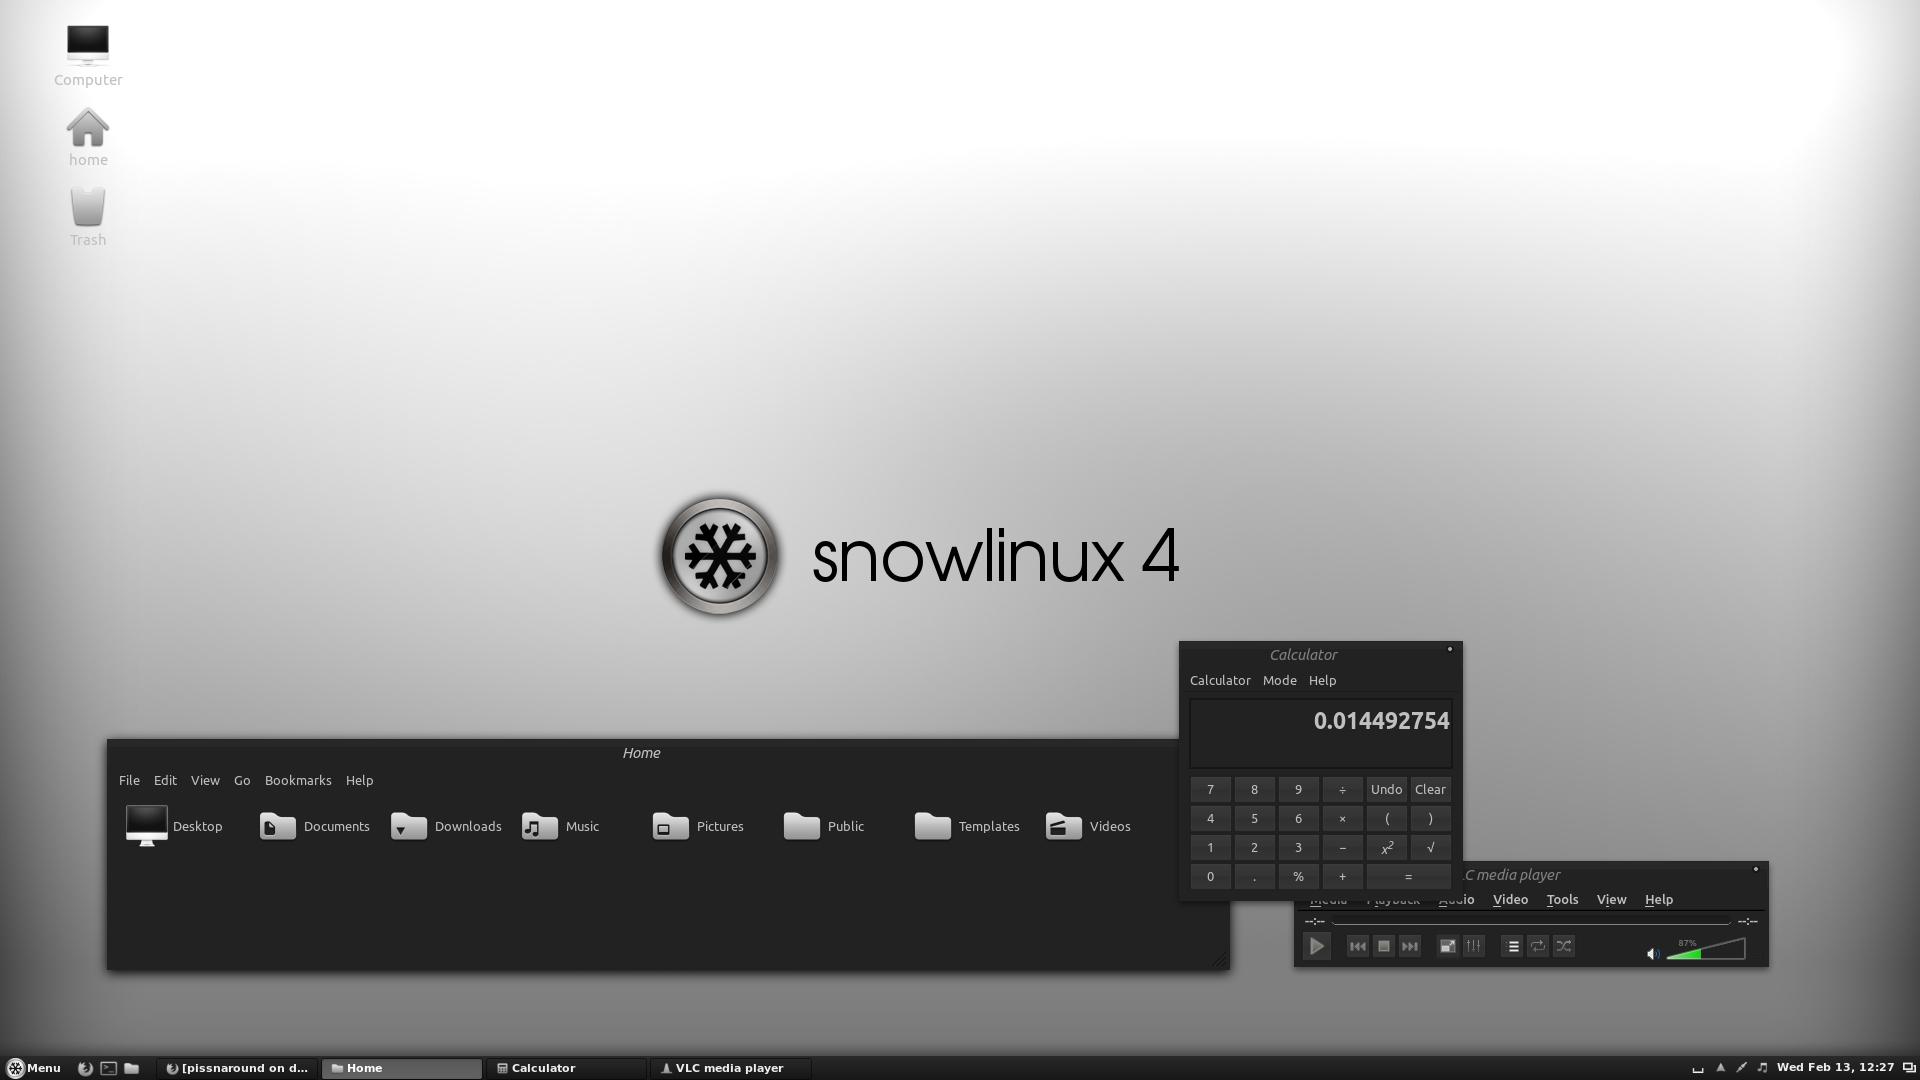 Snowlinux 4 Cinnamon Dark by pissnaround